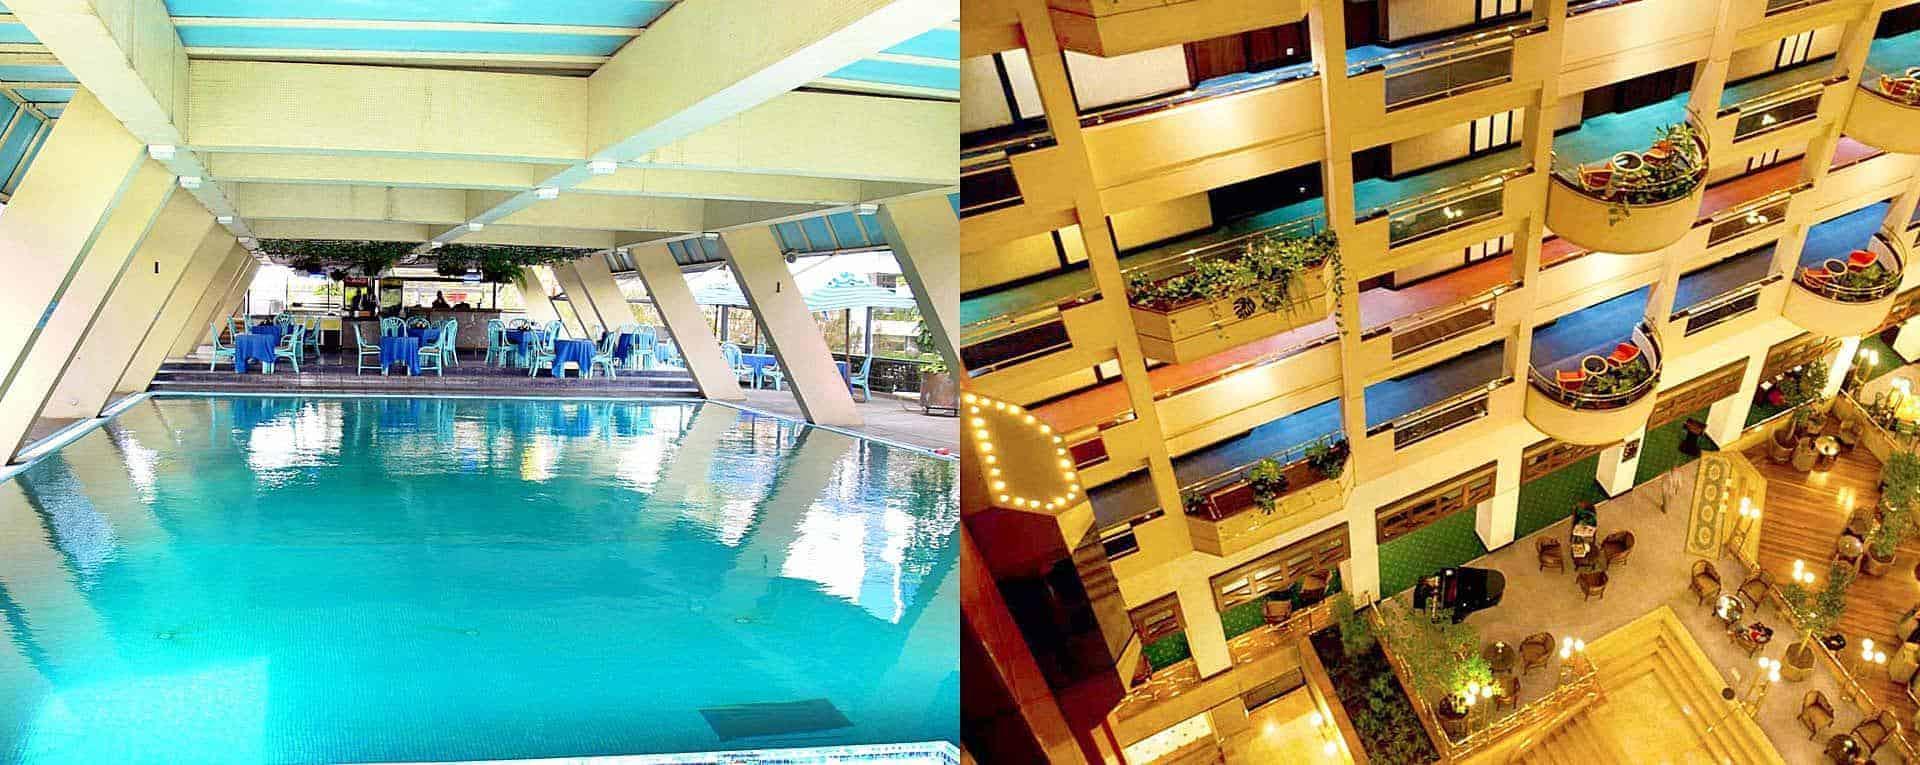 laicoregencyhotel4